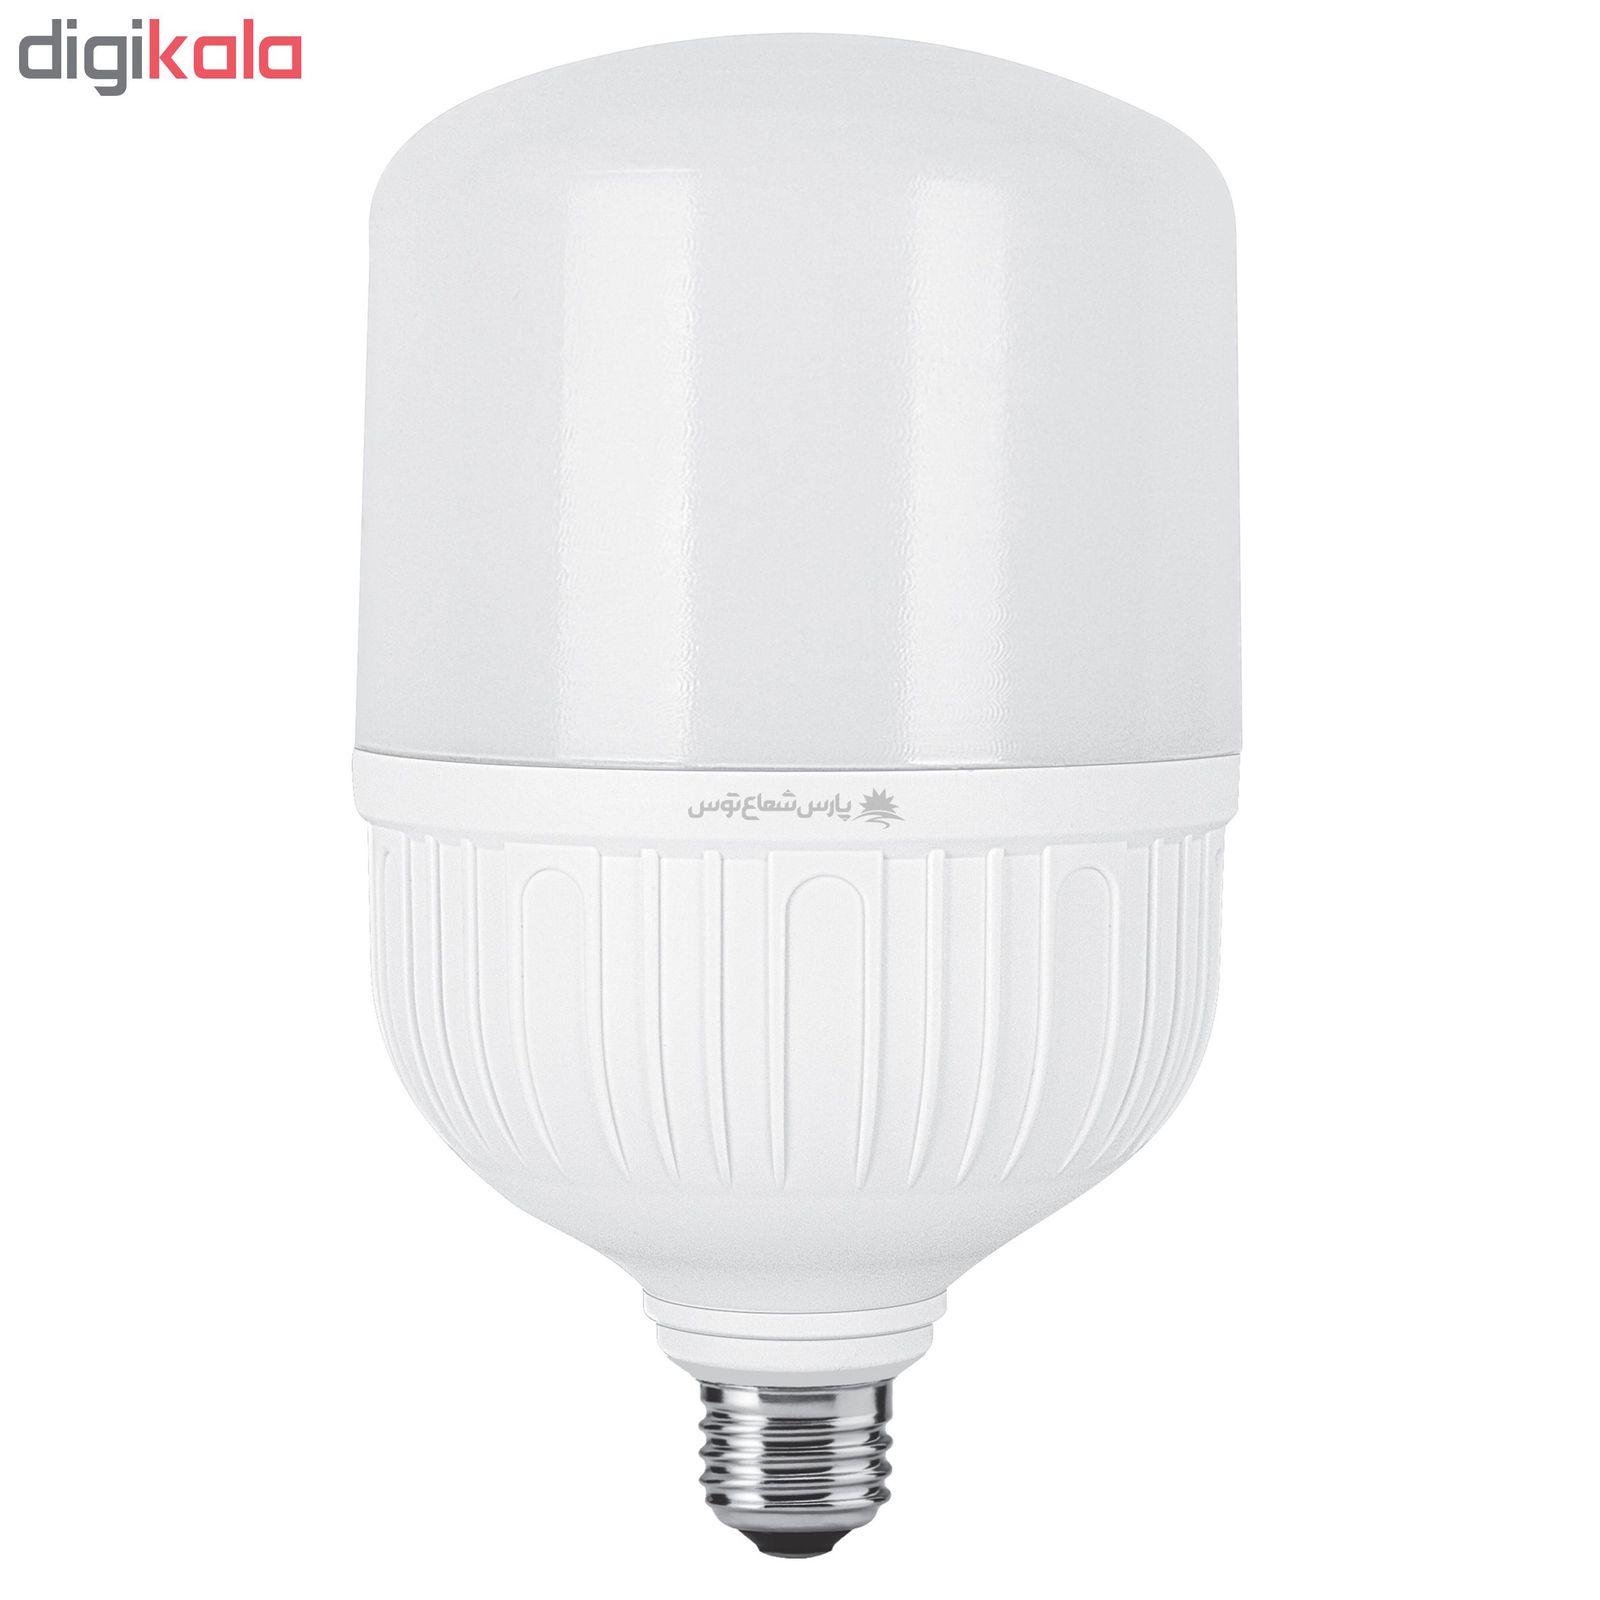 لامپ ال ای دی 50 وات پارس شعاع توس مدل PT-CY50 پایه E27 main 1 1